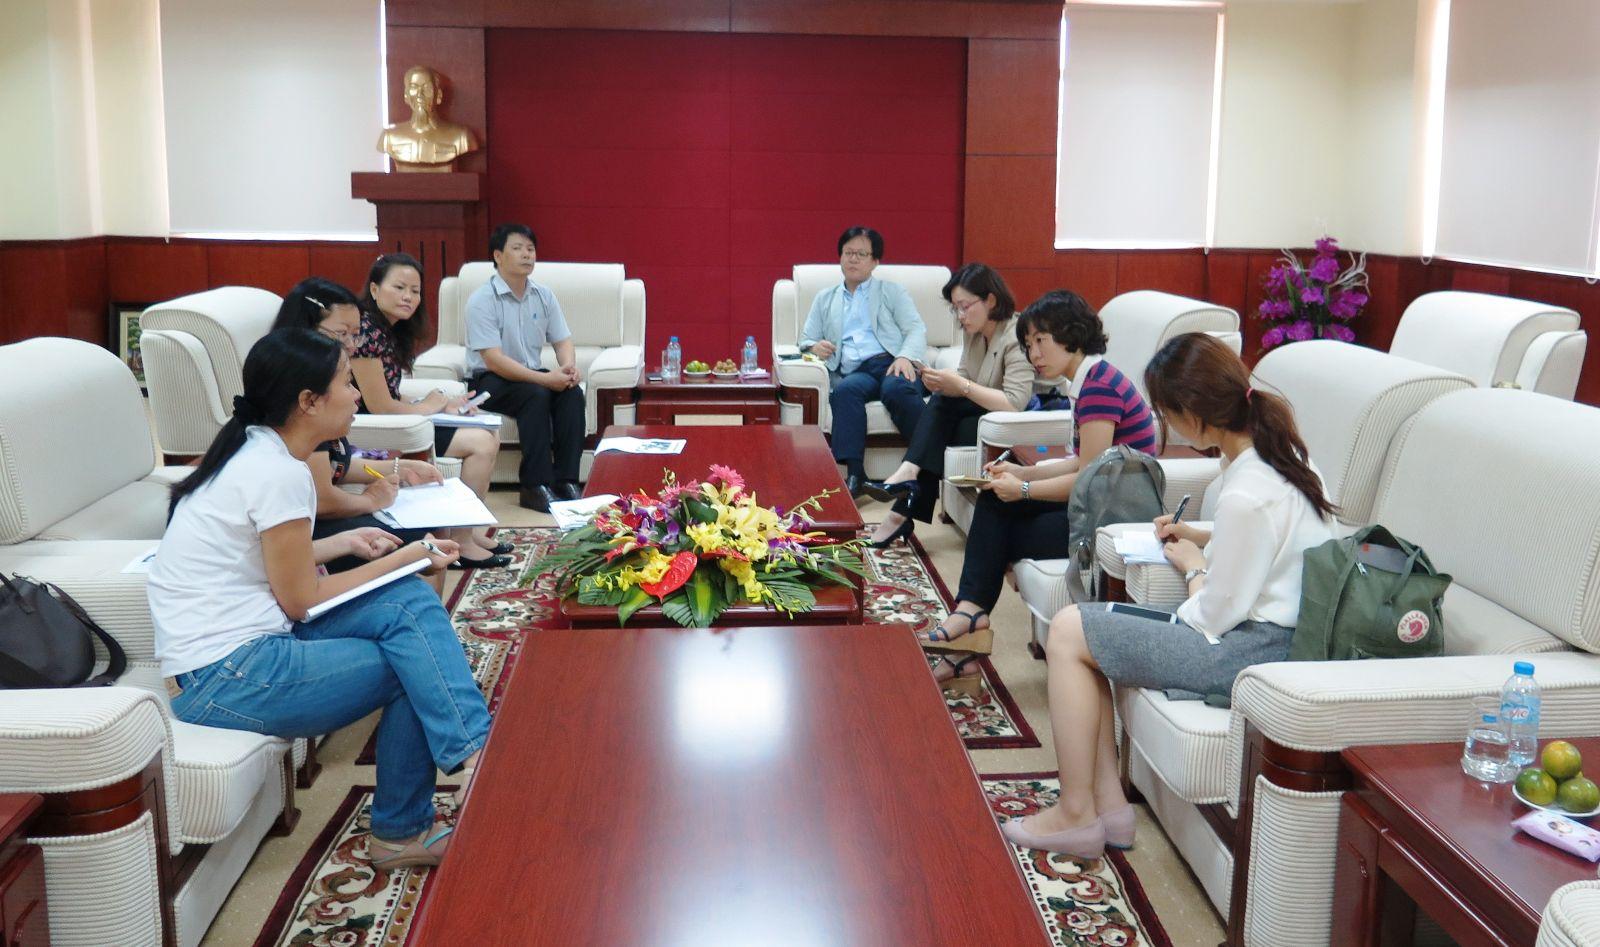 Học viện Phụ nữ Việt Nam làm việc với trường Đại học Tổng hợp Chung – Ang về vấn đề  hợp tác nghiên cứu